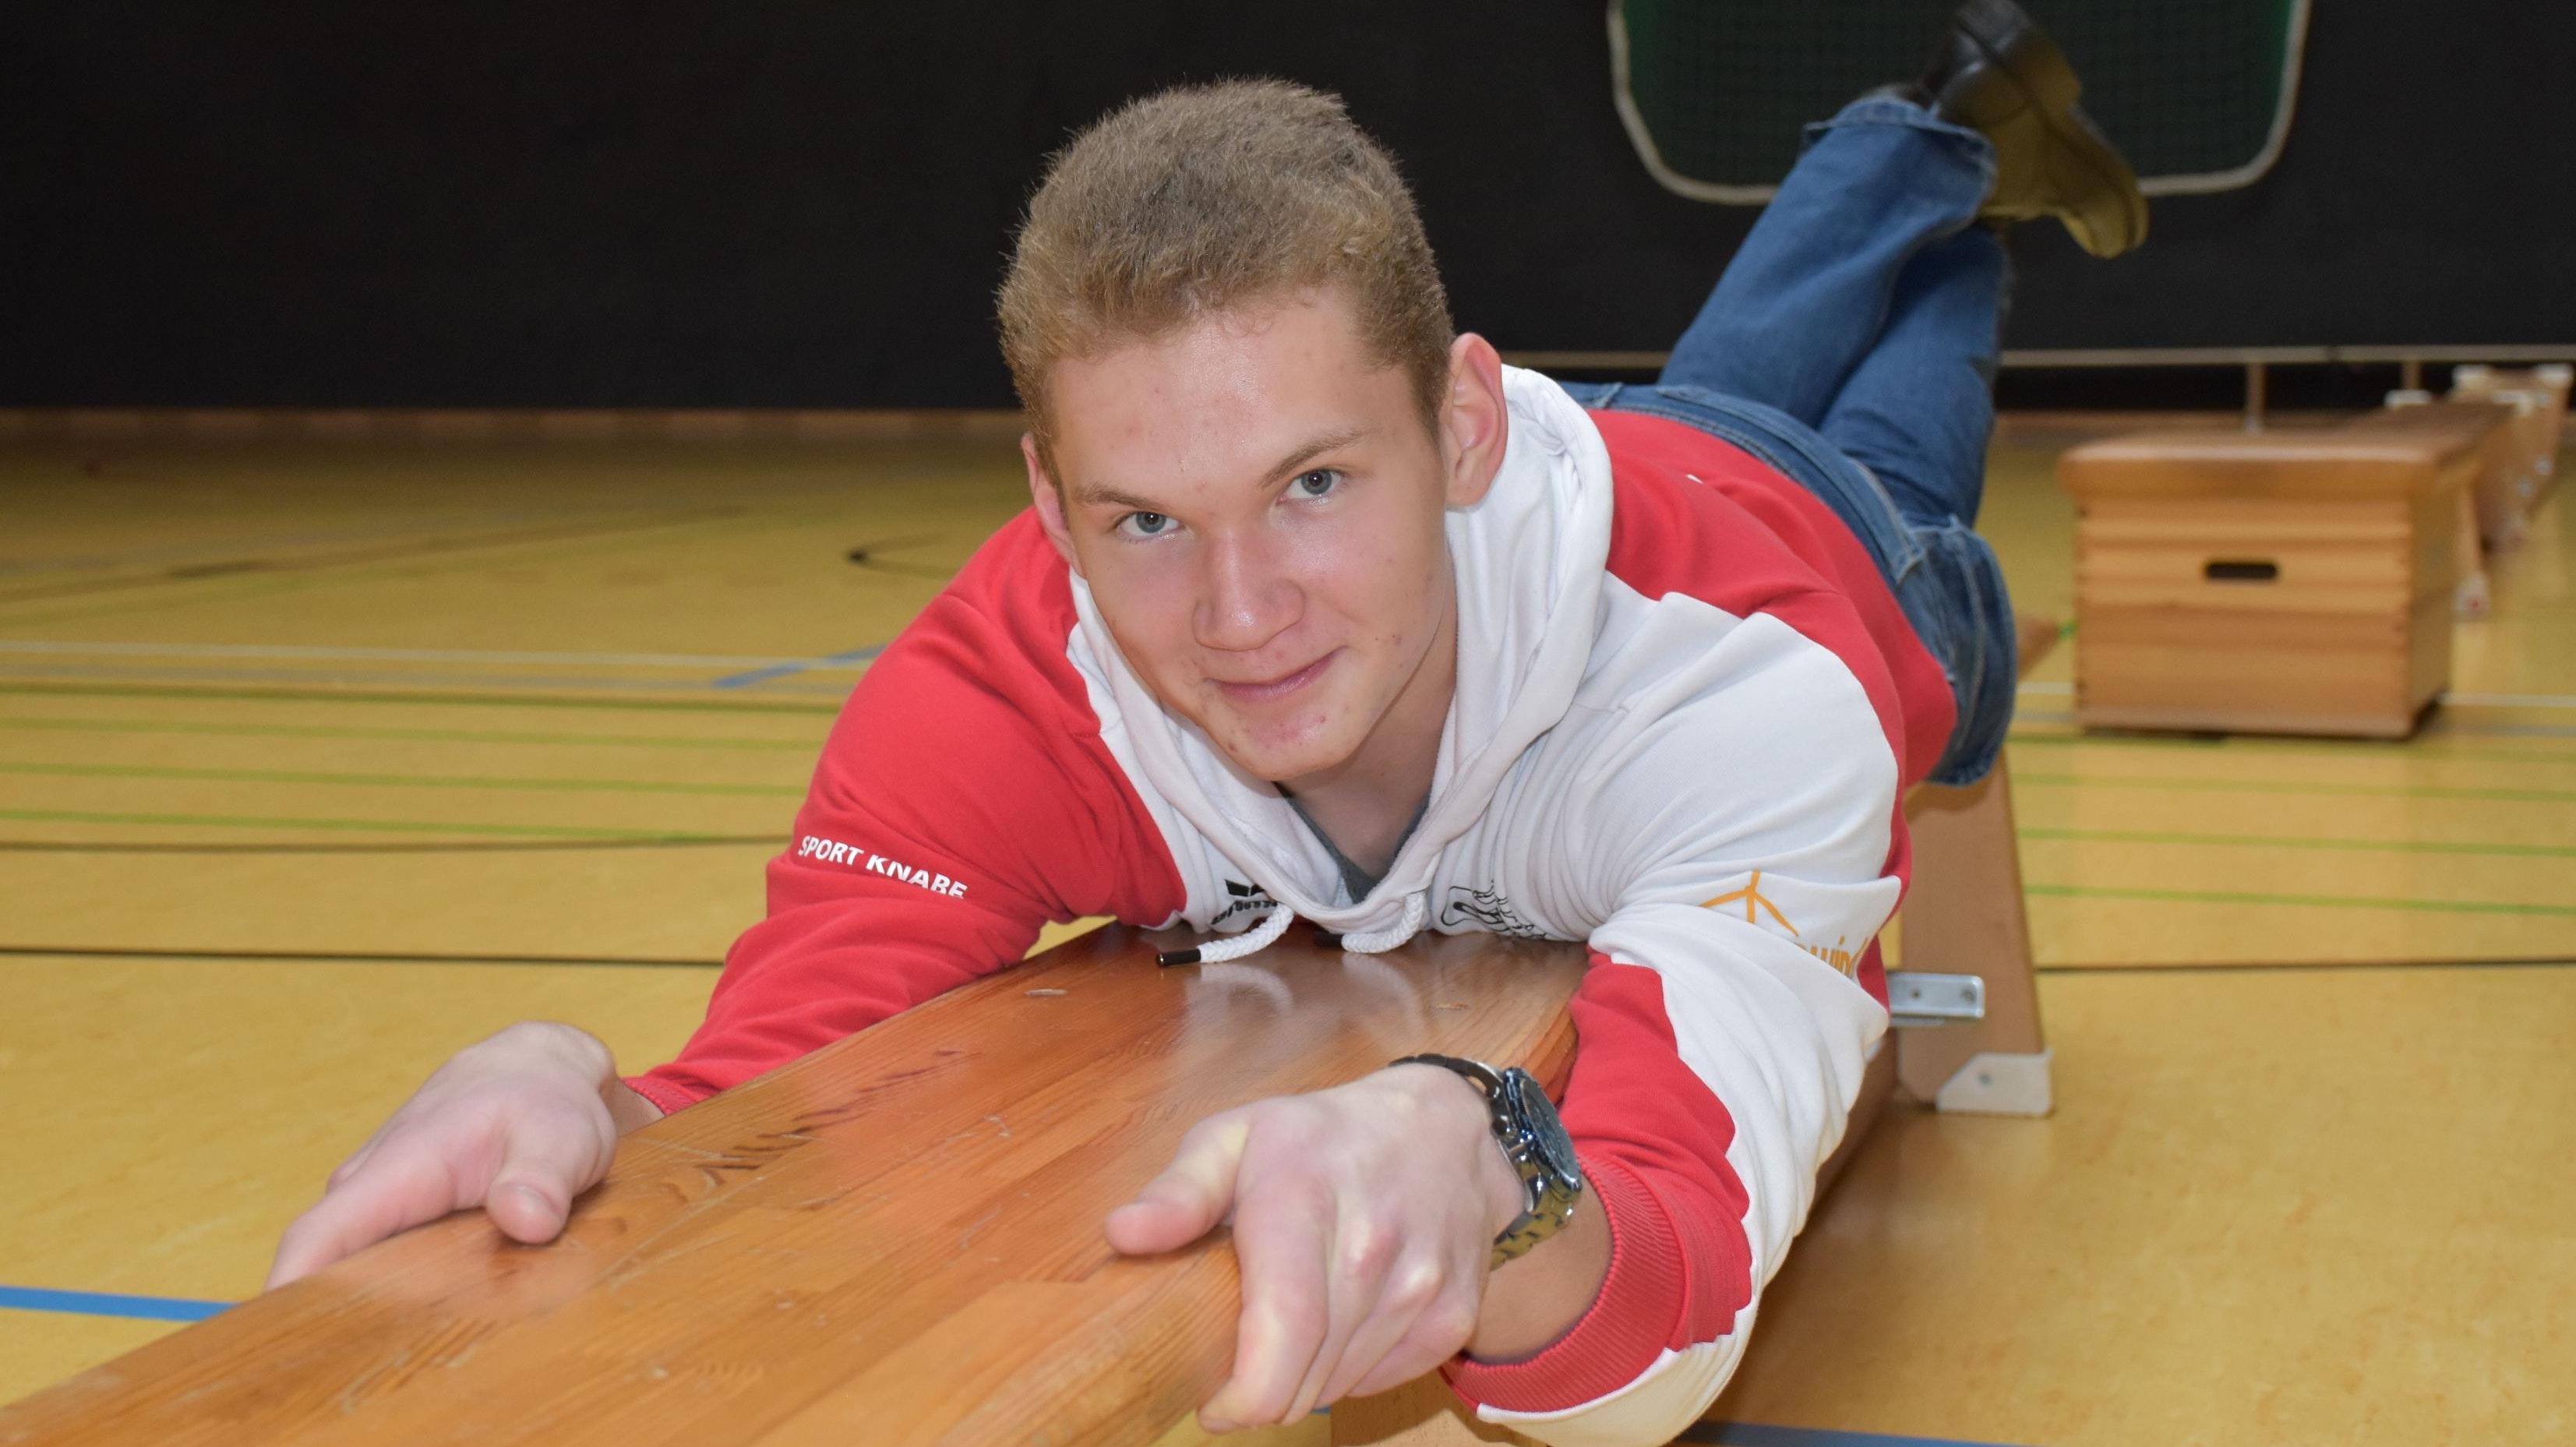 Übung für den Bizeps: Mit Muskelkraft zieht sich der 17-jährige Dammer über eine Bank. Außerdem hat er noch Trainingseinheiten für den Trizeps und zum Gleichgewicht-Halten für den Kinderturntag vorbereitet. Foto: M. Meyer